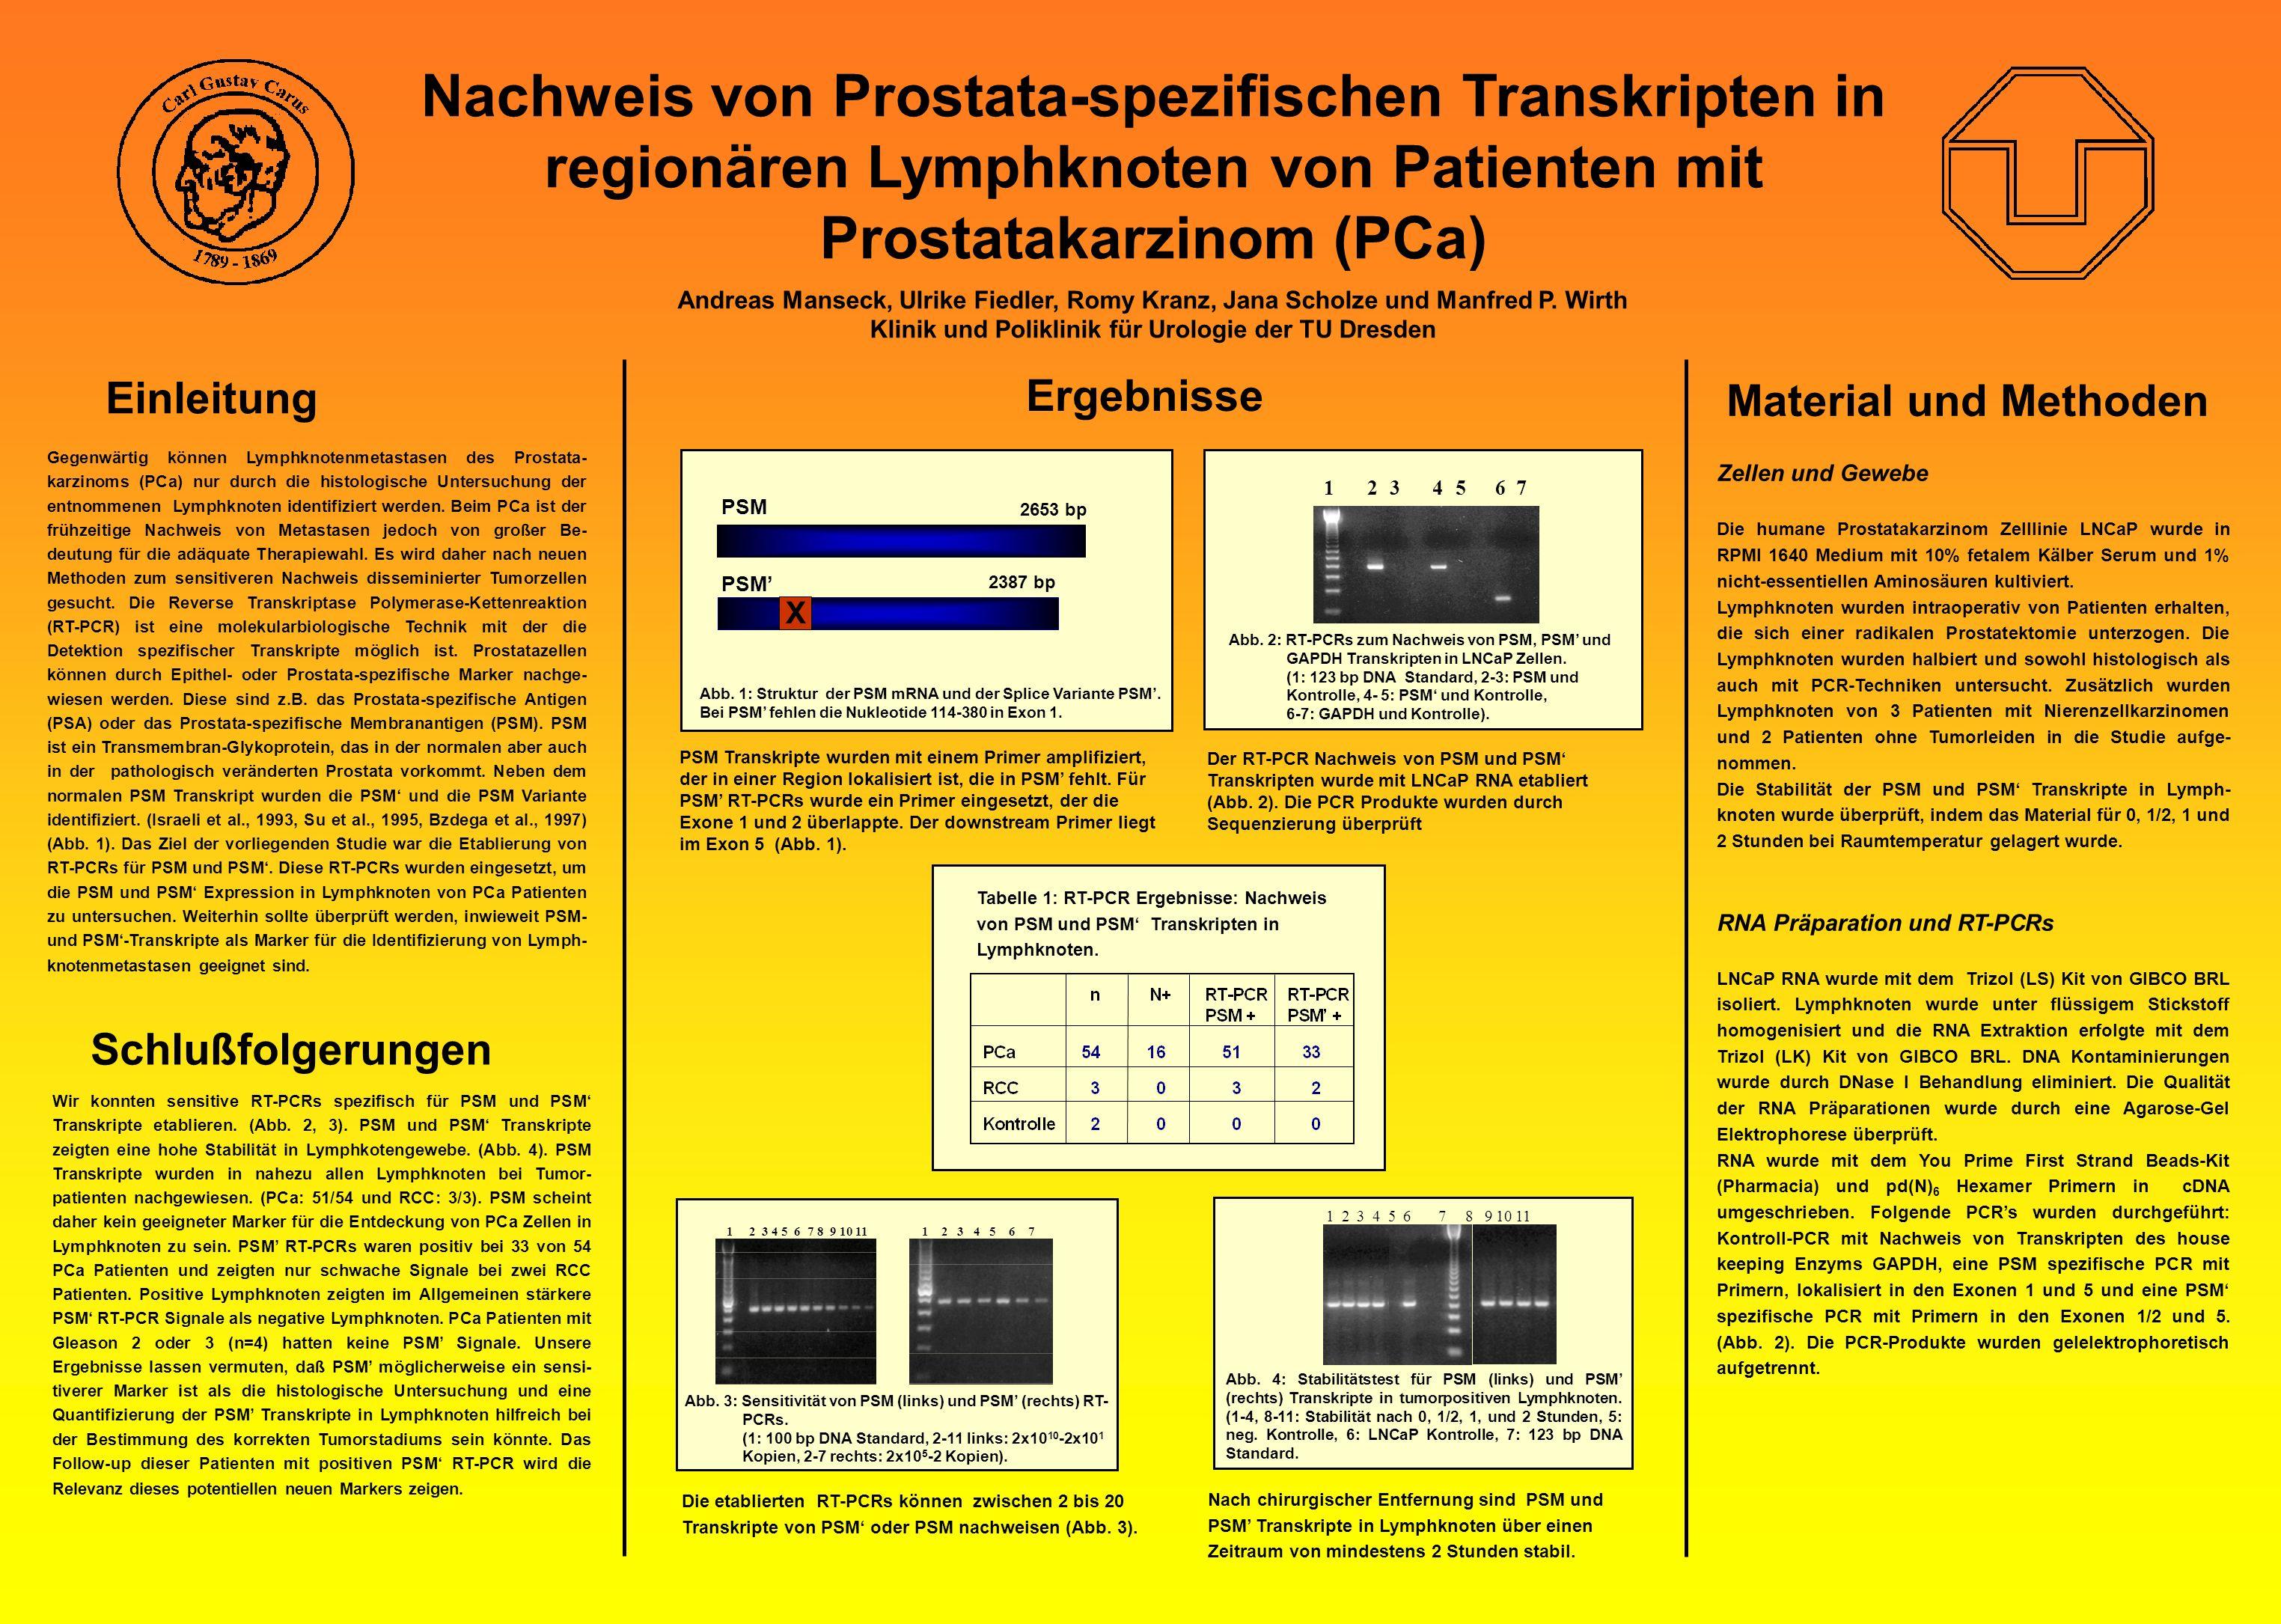 Nachweis von Prostata-spezifischen Transkripten in regionären Lymphknoten von Patienten mit Prostatakarzinom (PCa) Andreas Manseck, Ulrike Fiedler, Ro